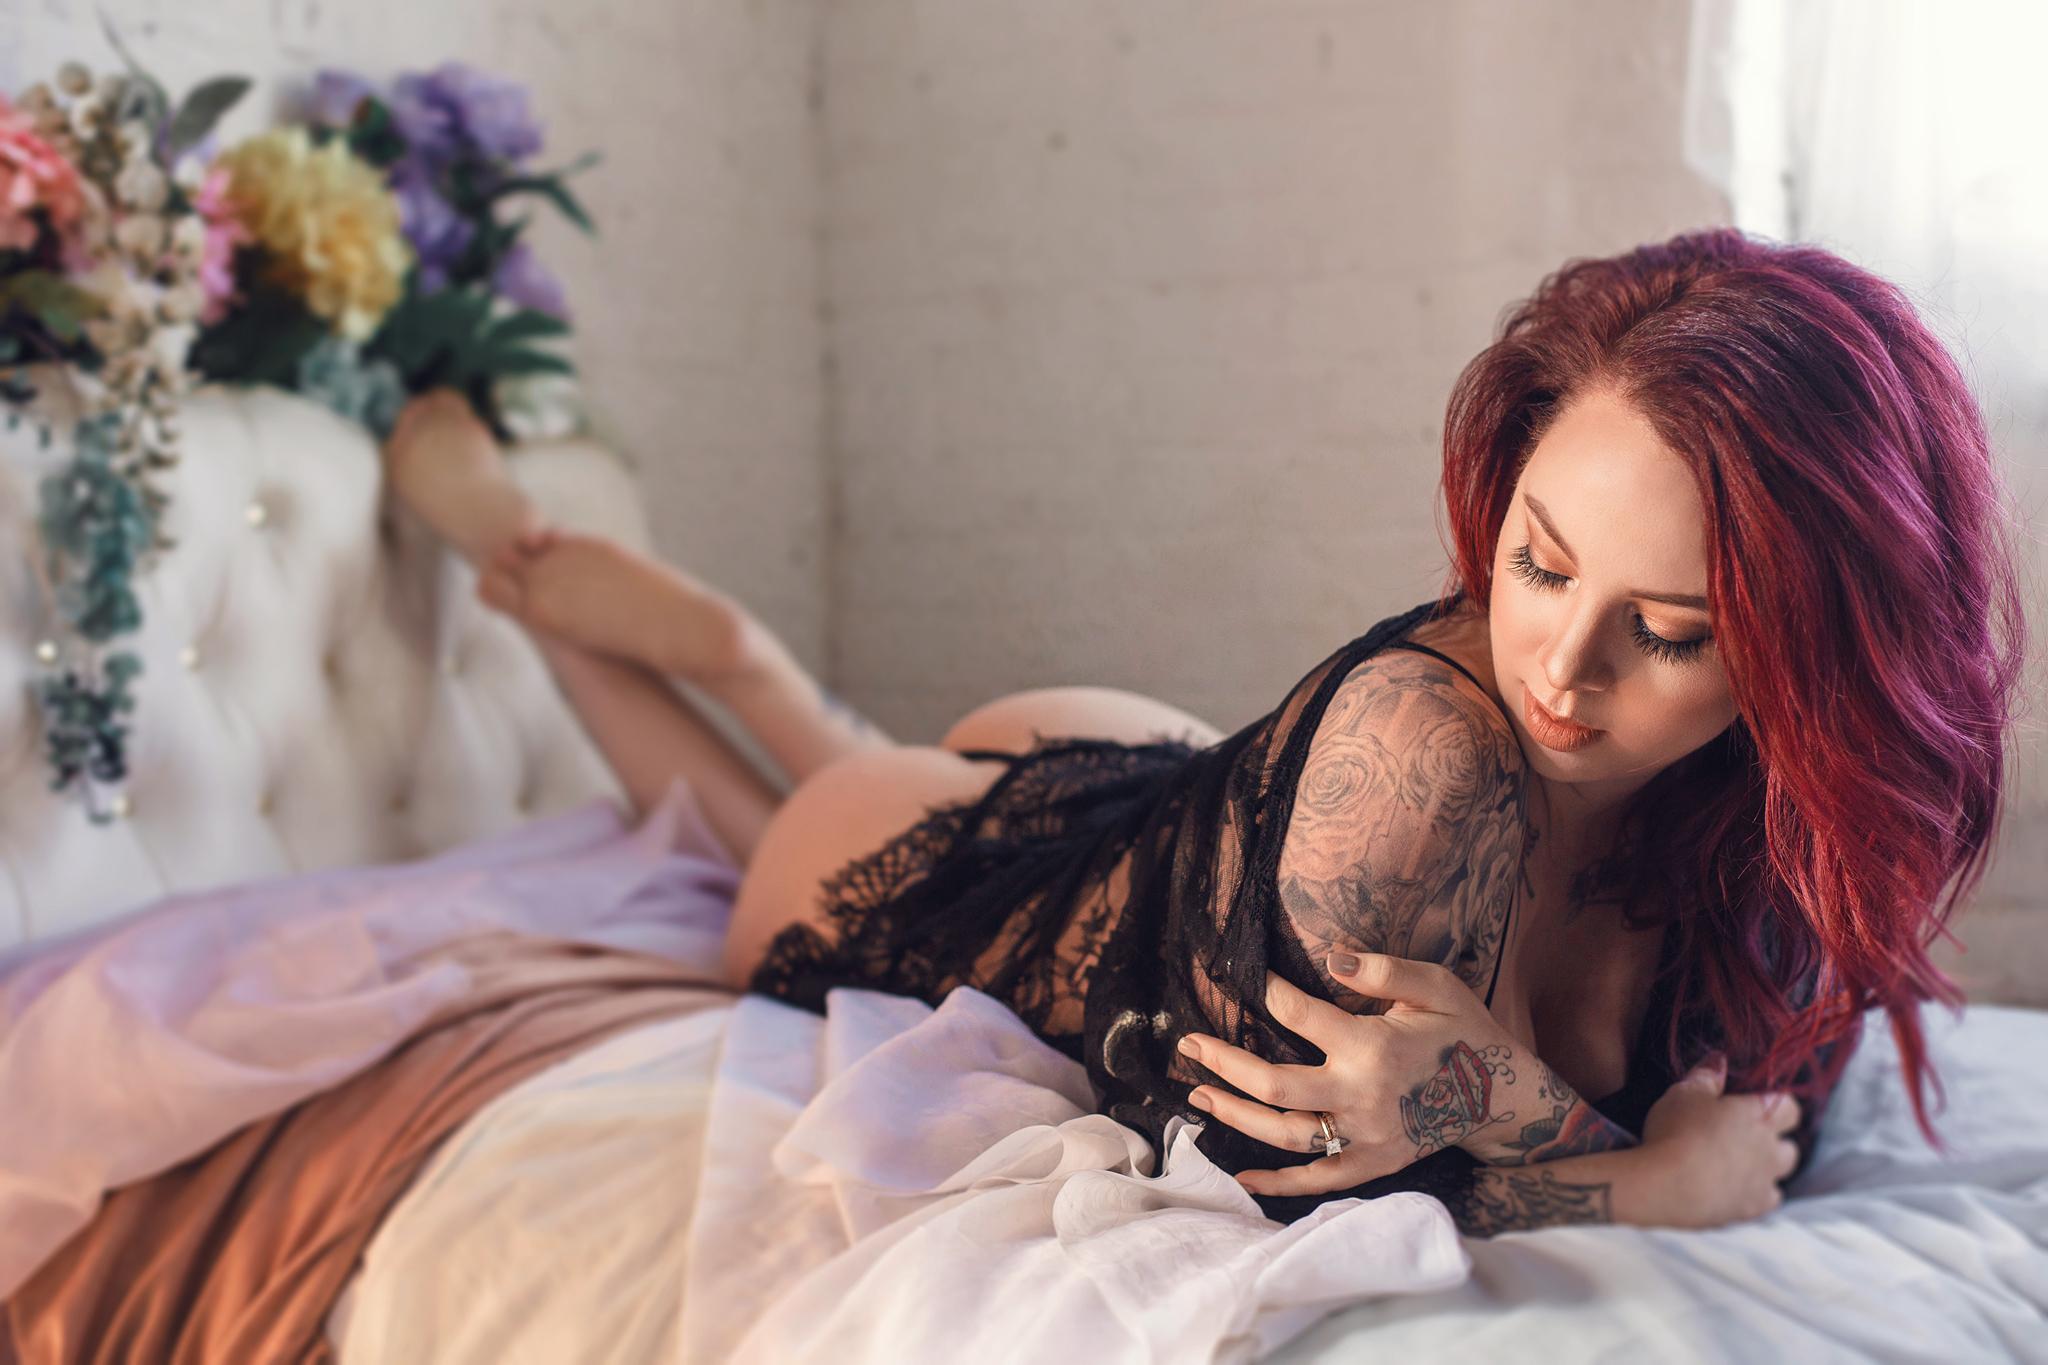 cincinnati dayton oh boudoir studio photographer (3).jpg